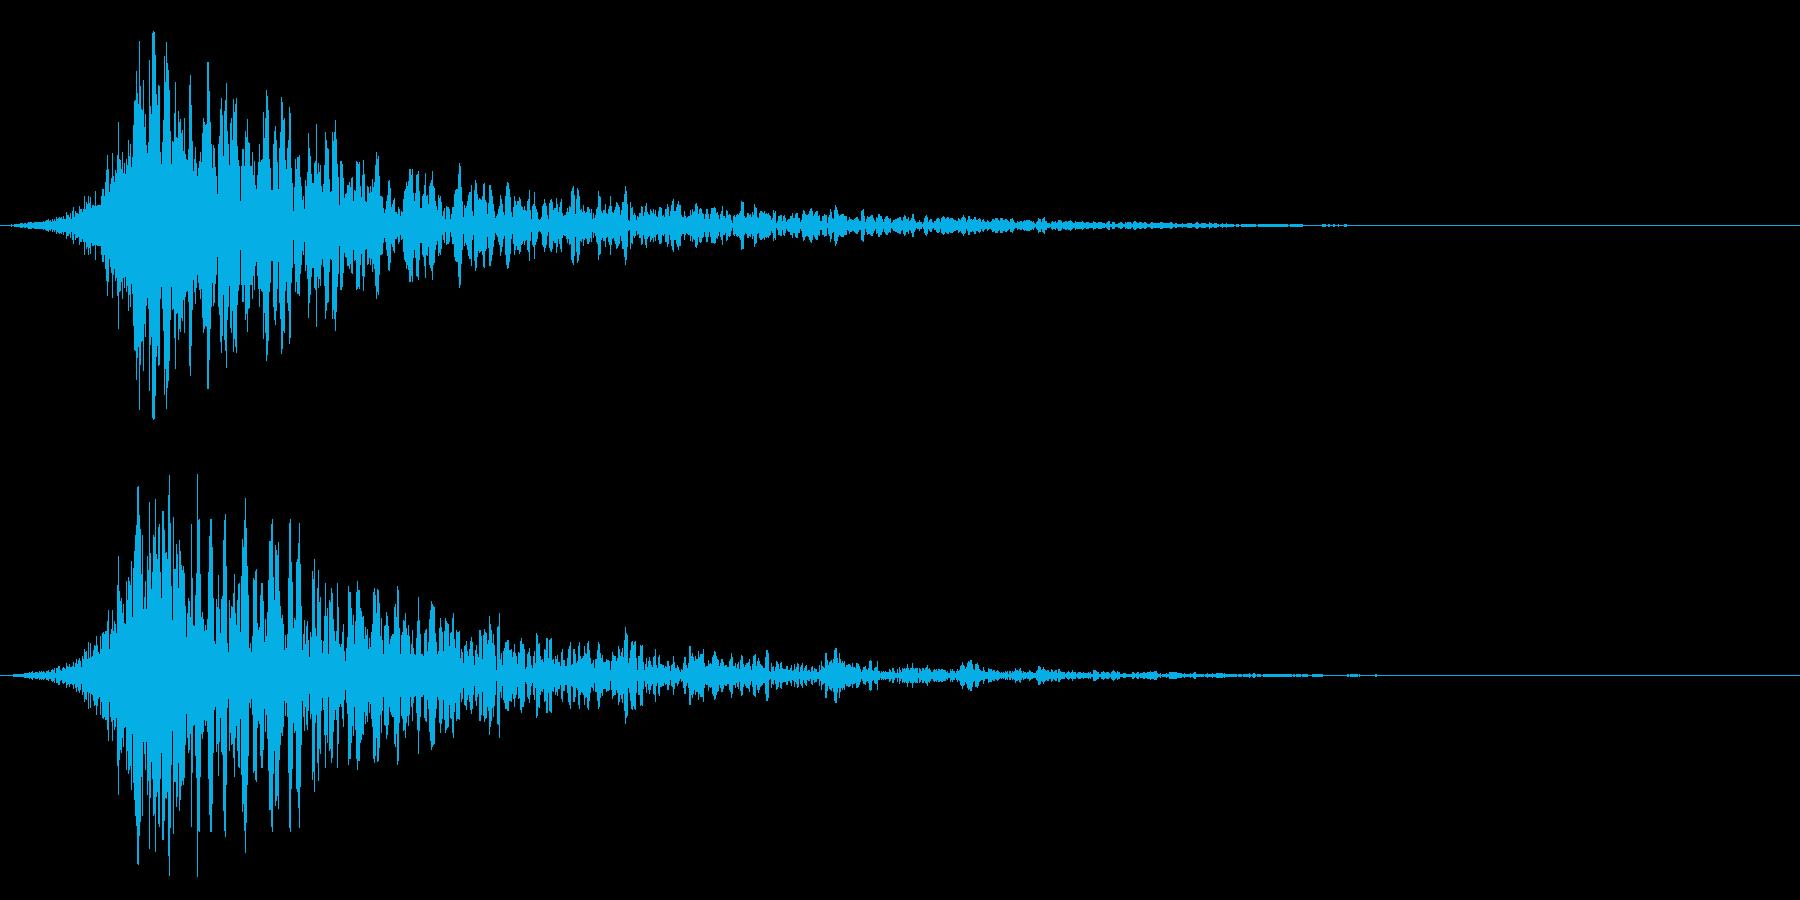 シュードーン-42-1(インパクト音)の再生済みの波形